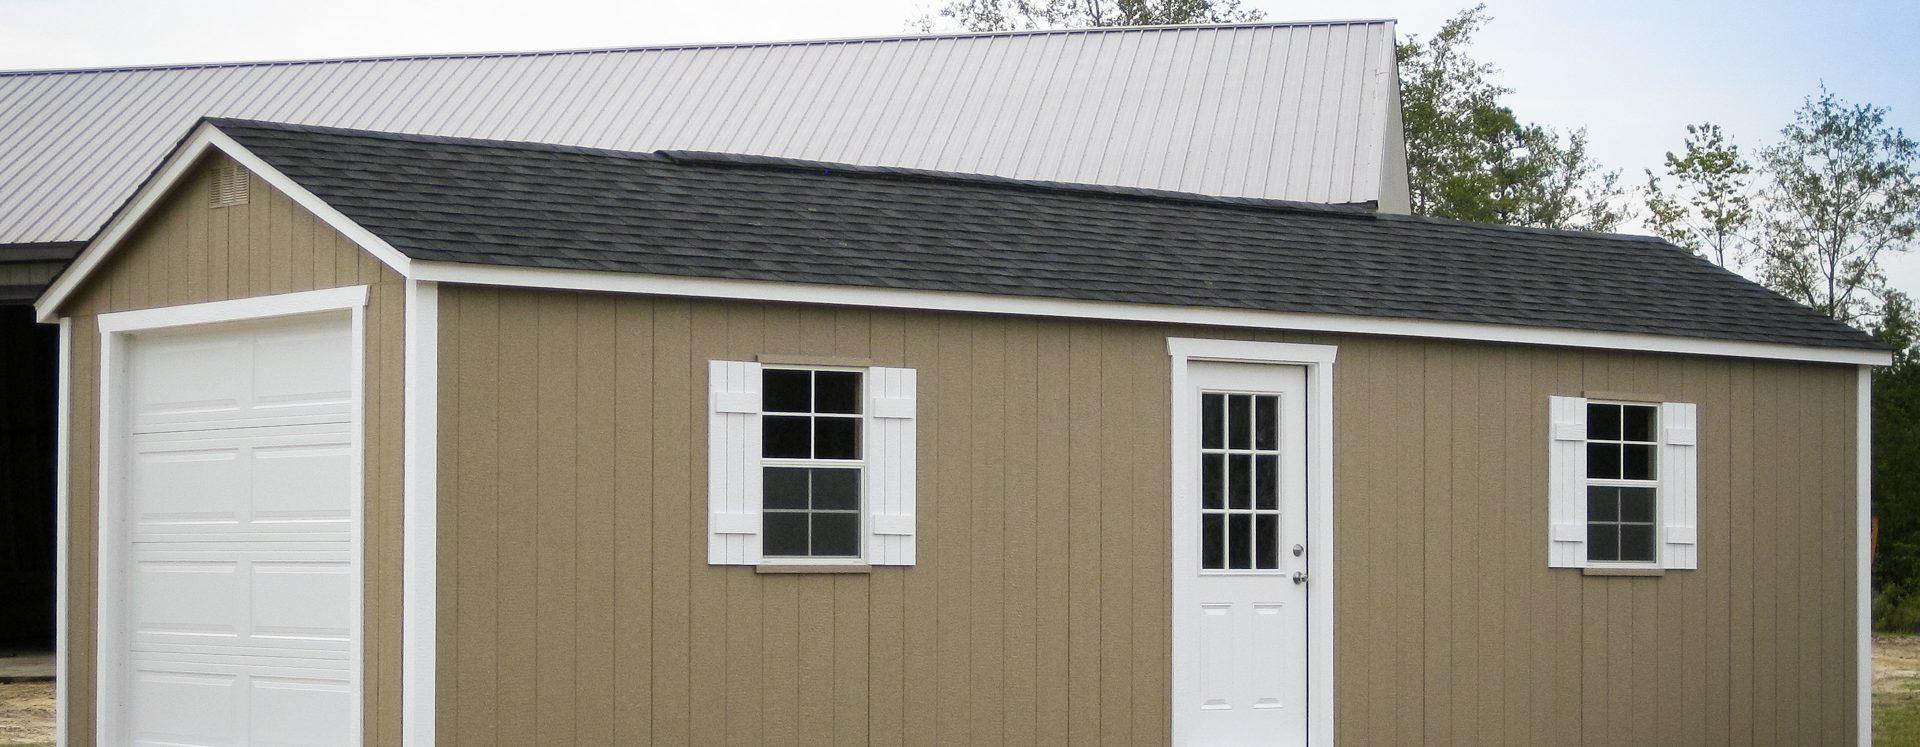 A prefab garage in Georgia